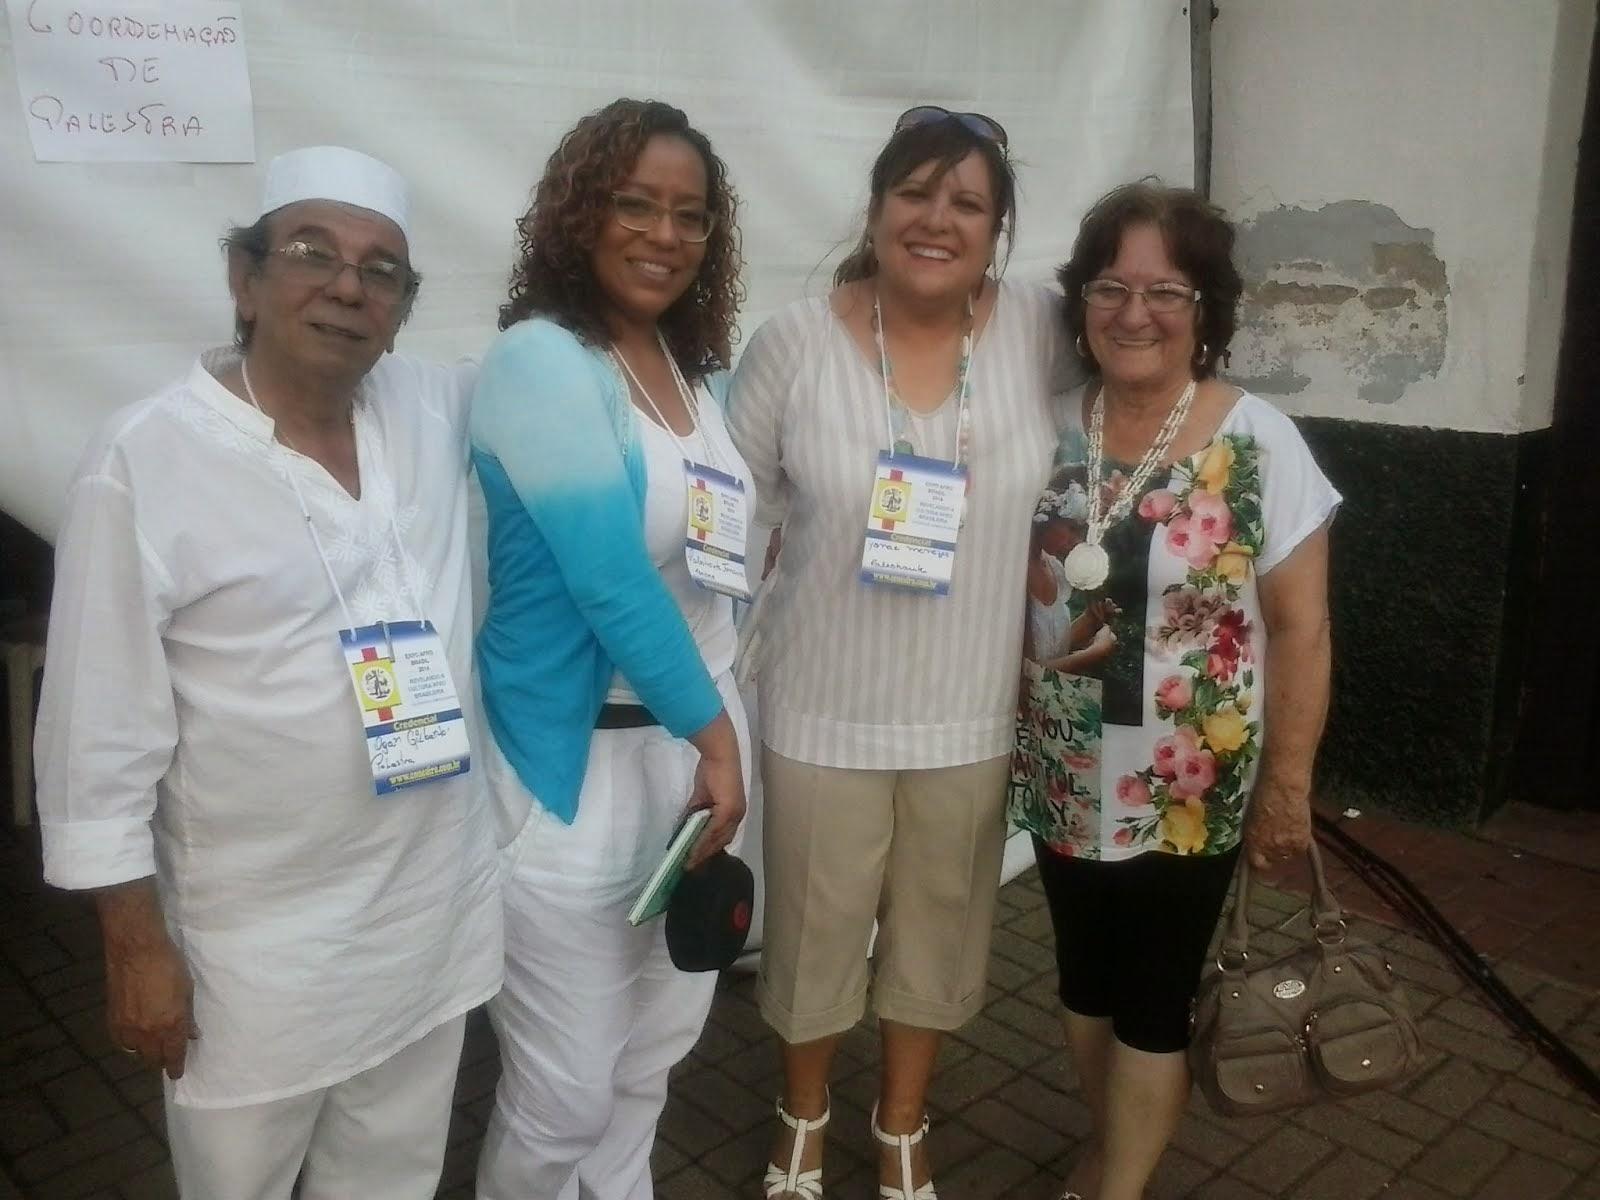 Congresso das Religiões Afro